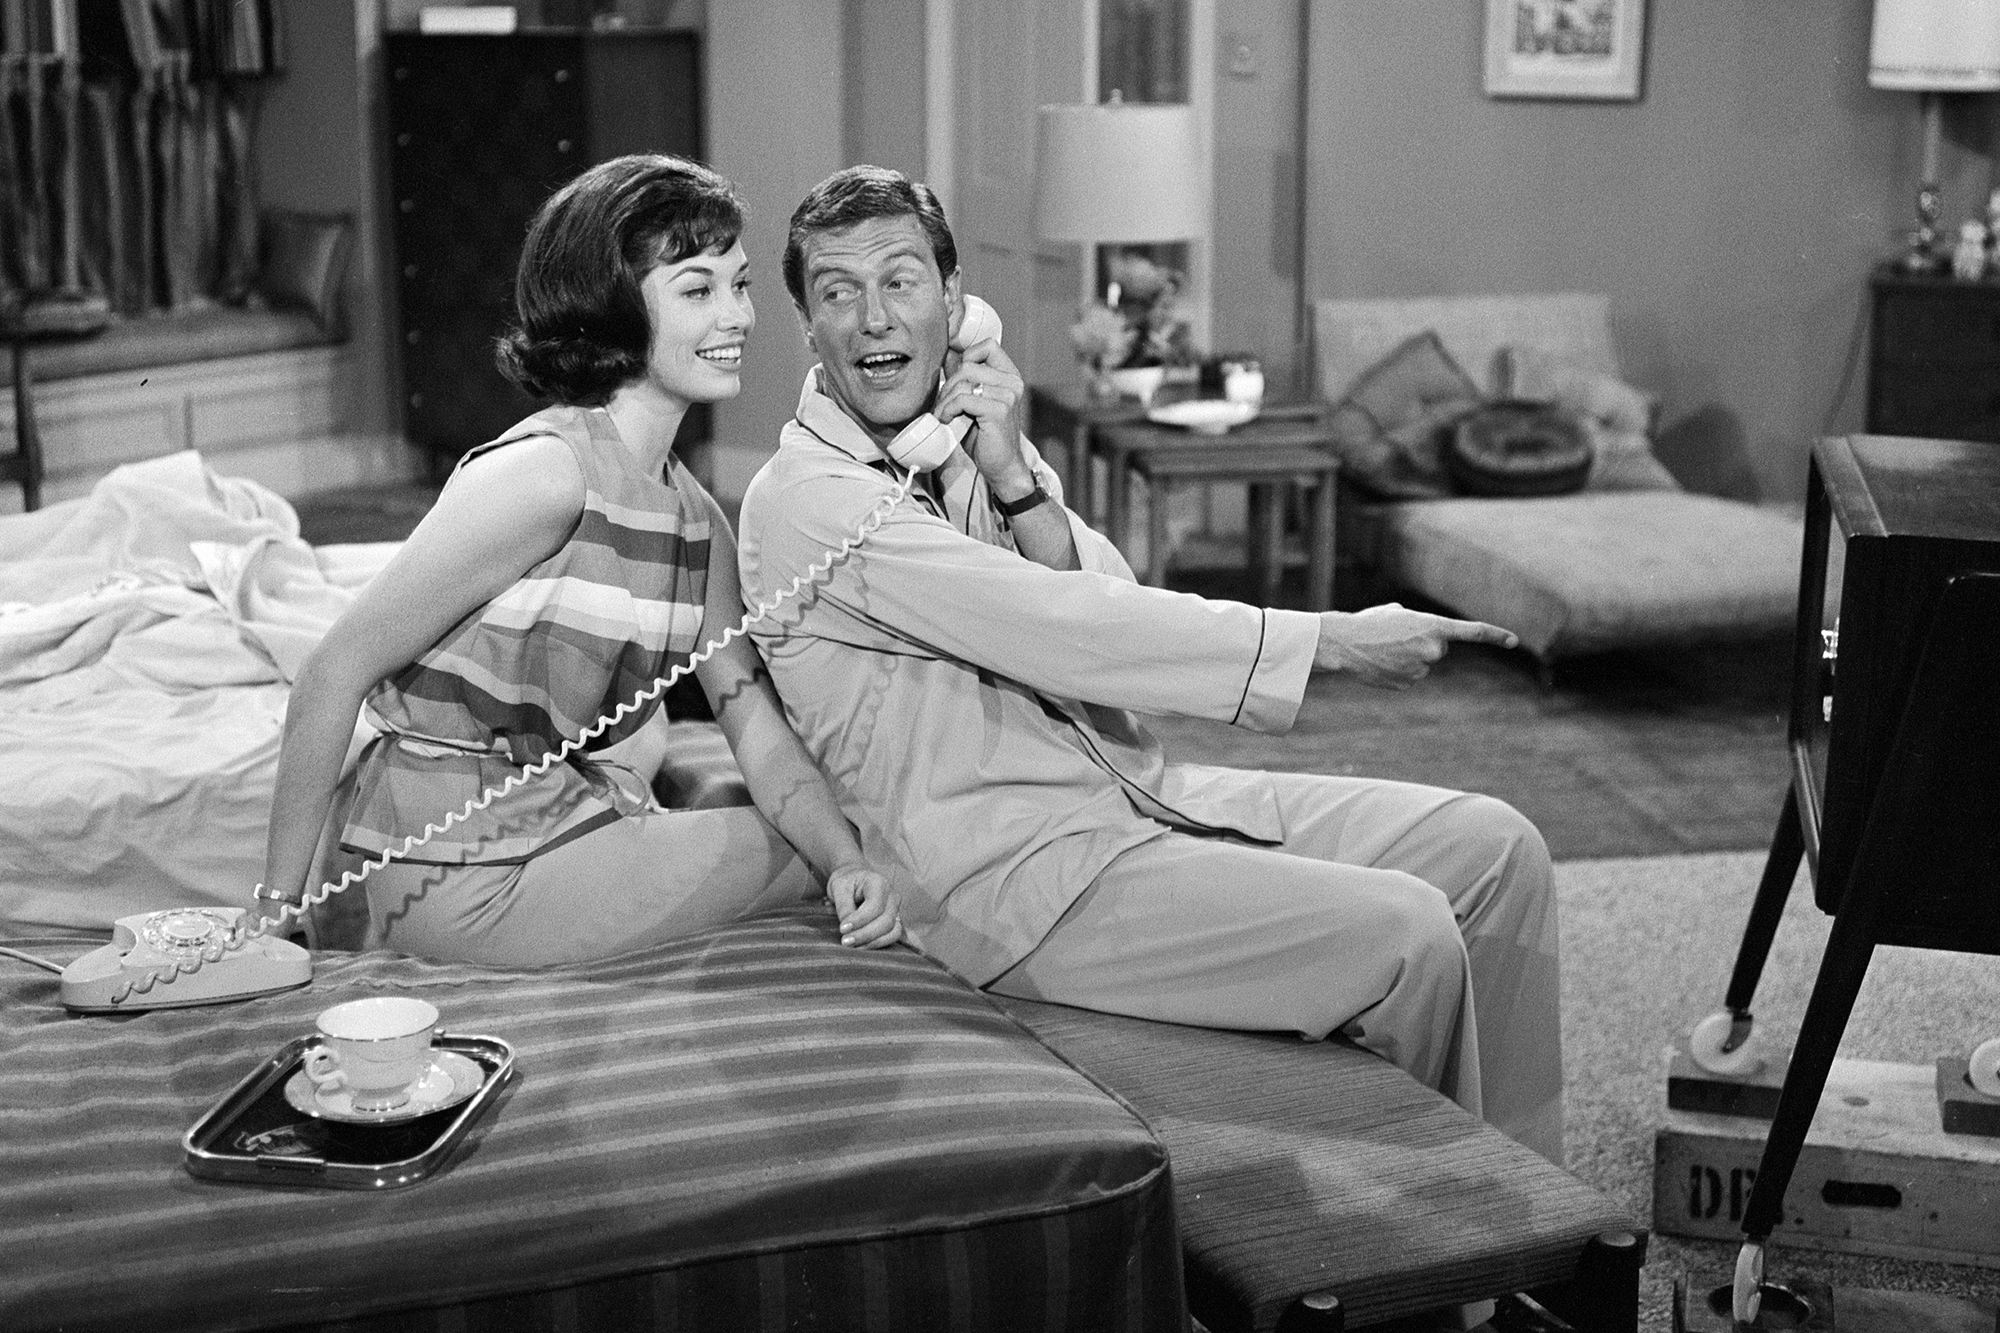 Mary Tyler Moore and Dick Van Dyke filming The Dick Van Dyke Show, on June 19, 1961 in Los Angeles.